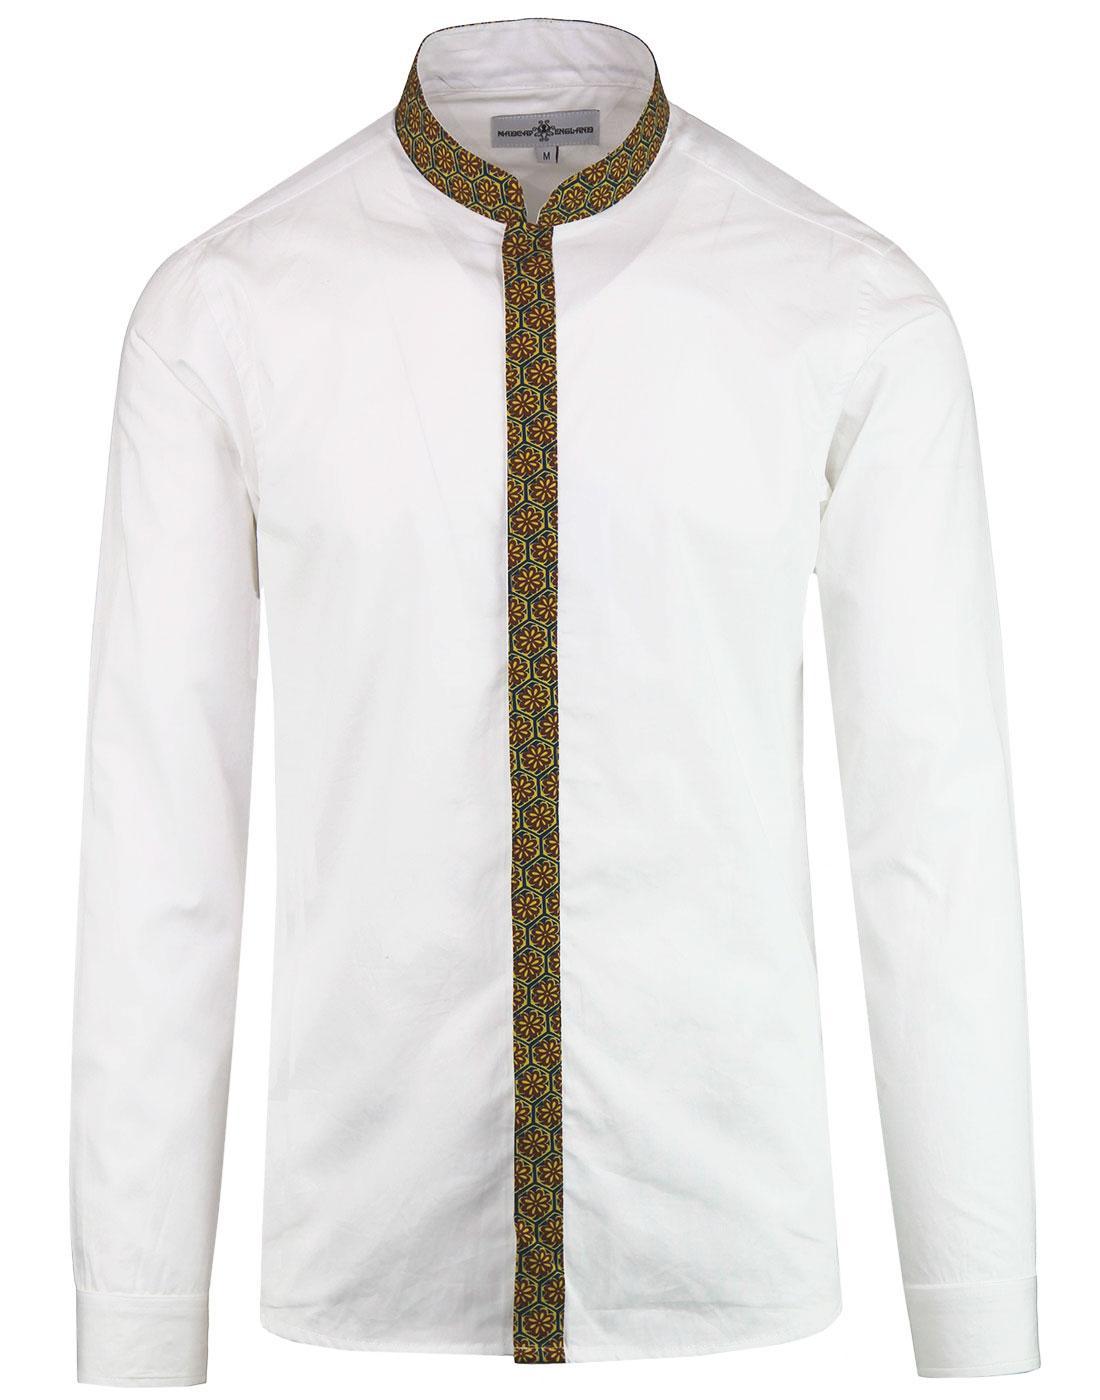 Azimuth MADCAP ENGLAND Floral Trim Grandad Shirt